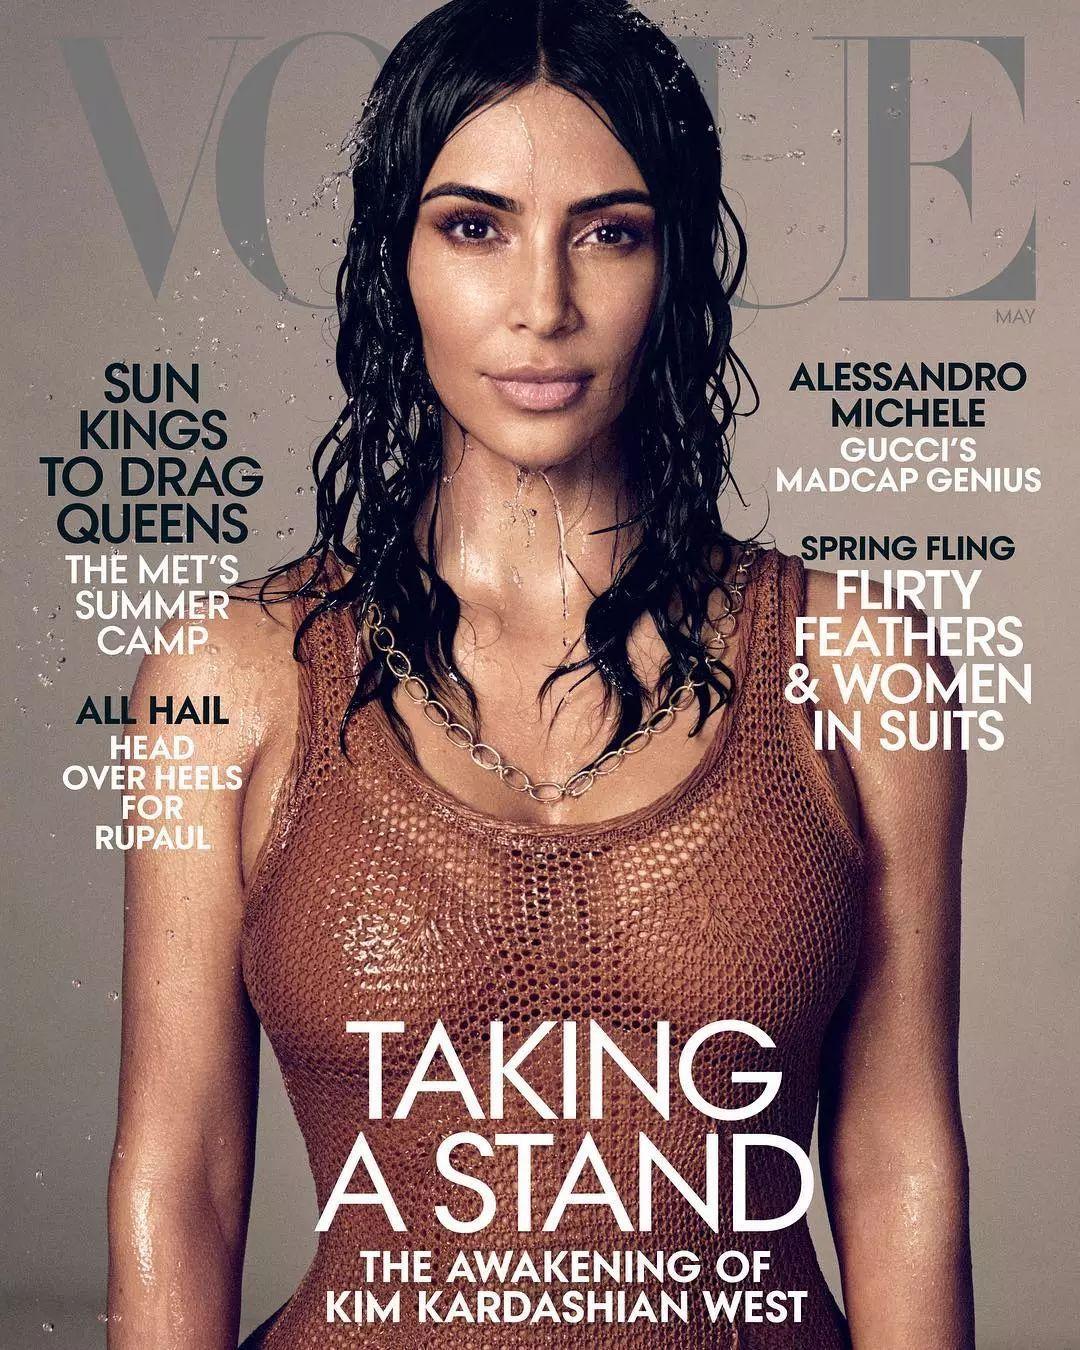 比伯、杨颖、卡戴珊,美版Vogue杂志连续三期让流量明星登封引发争议!